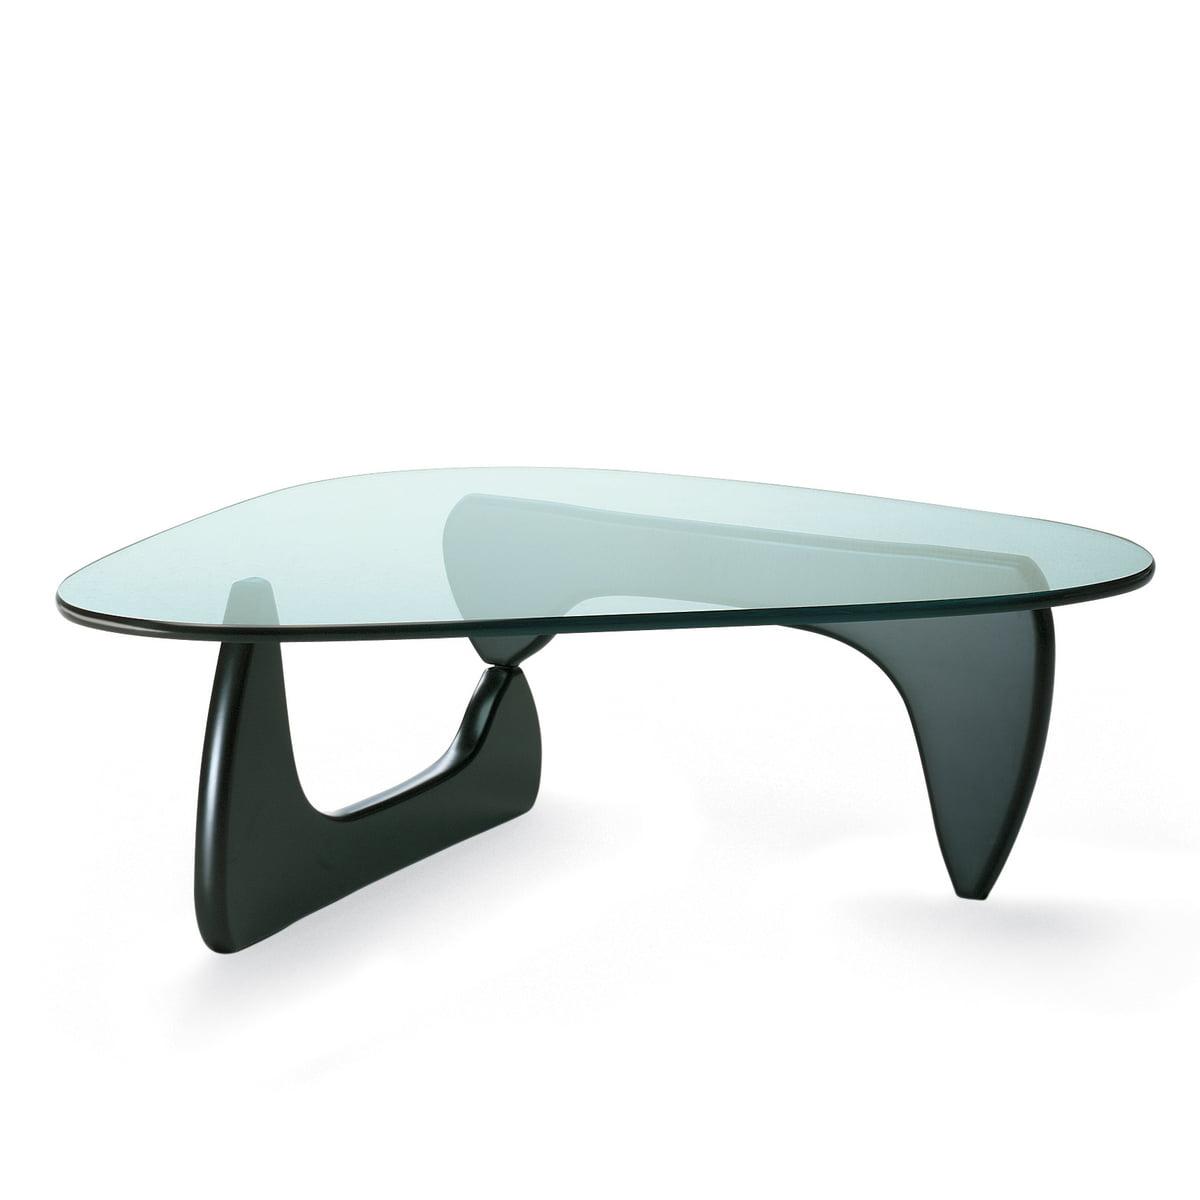 Vitra - Noguchi Coffee Table schwarz | Wohnzimmer > Tische > Beistelltische | Vitra